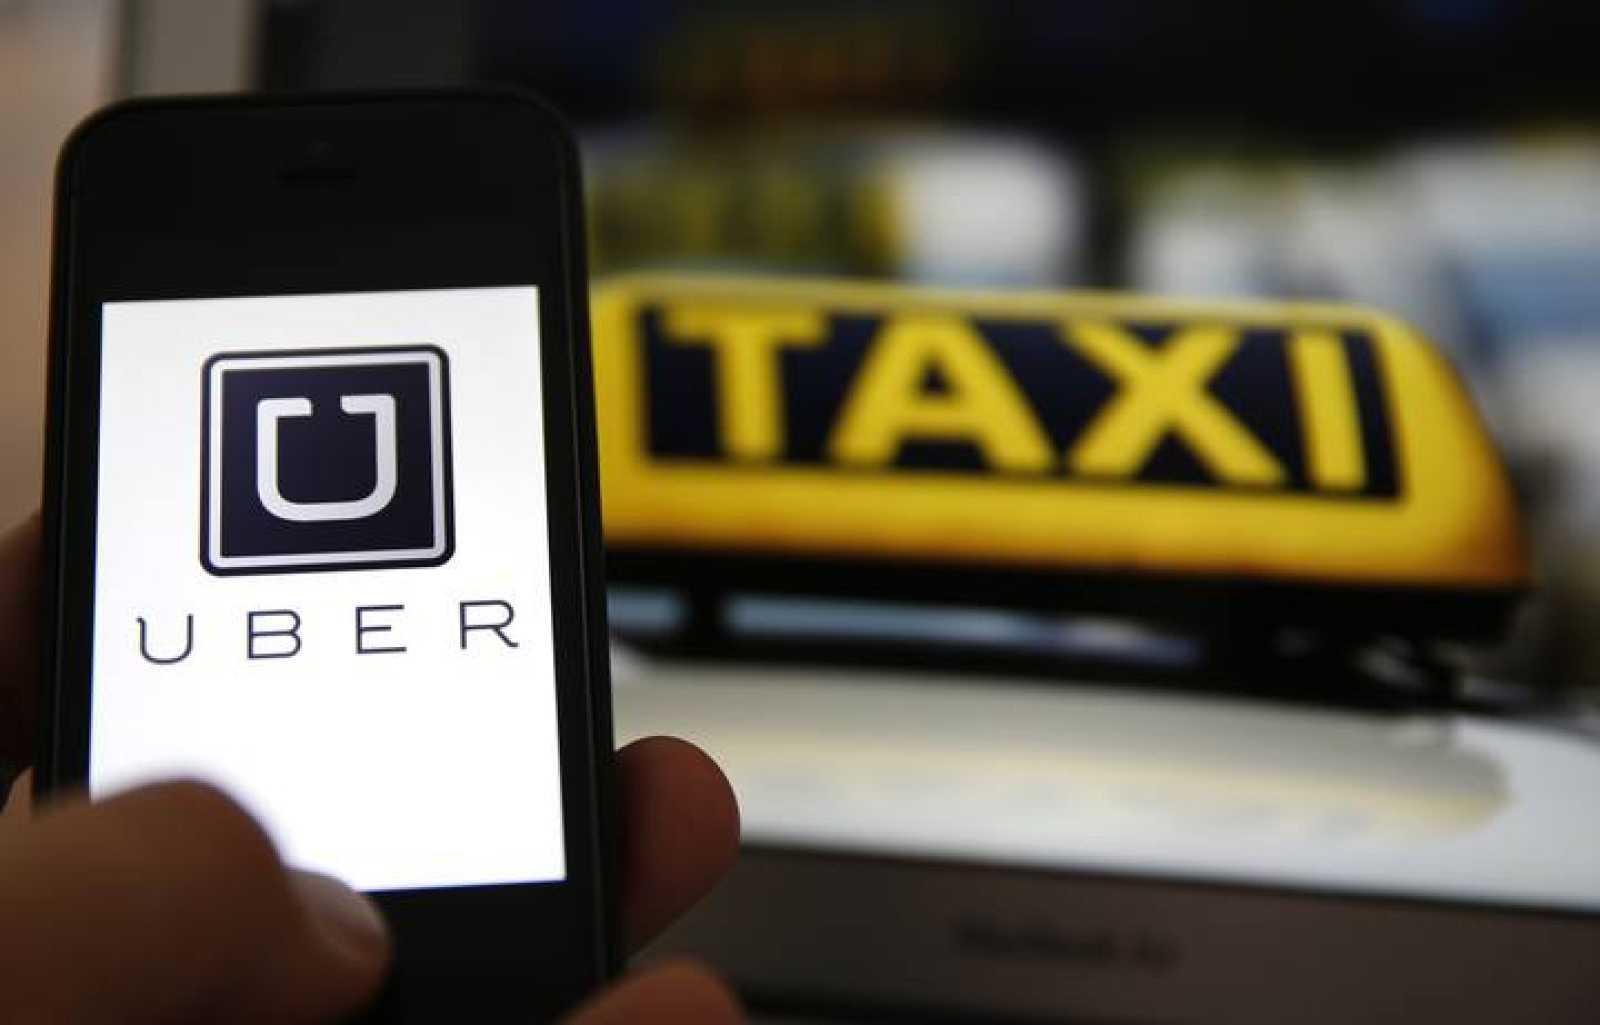 El logo de Uber en un teléfono móvil